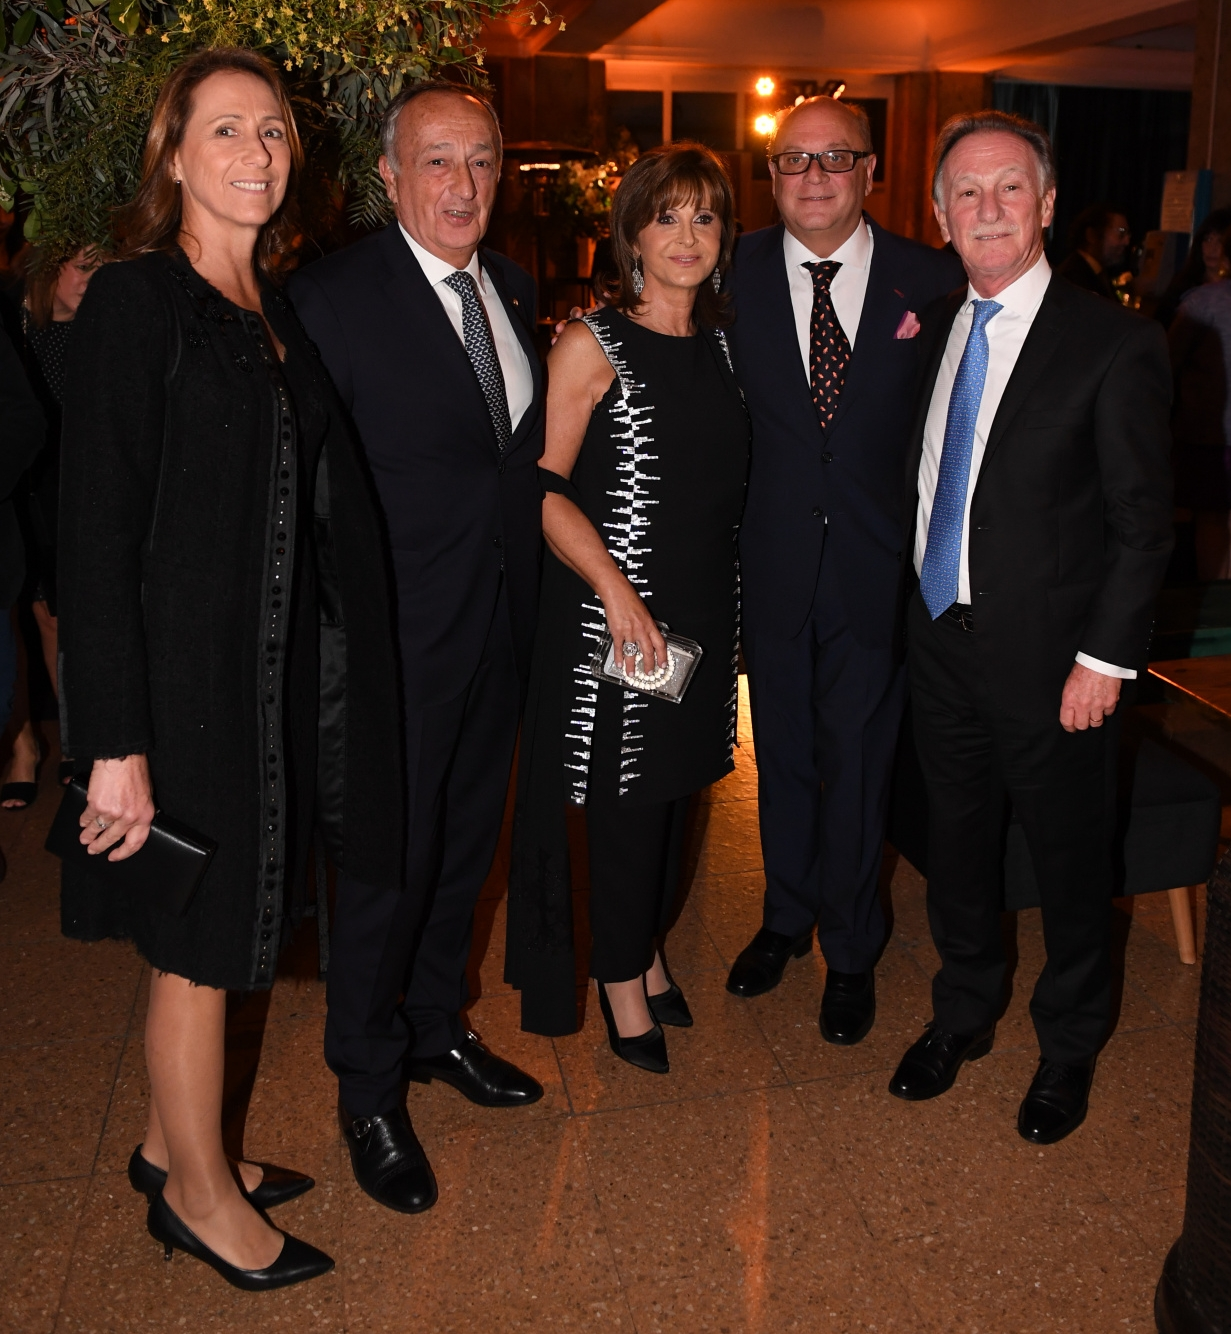 Miguel Acevedo y su mujer junto a Myriam Levi, Martín Cabrales y Gustavo Weiss